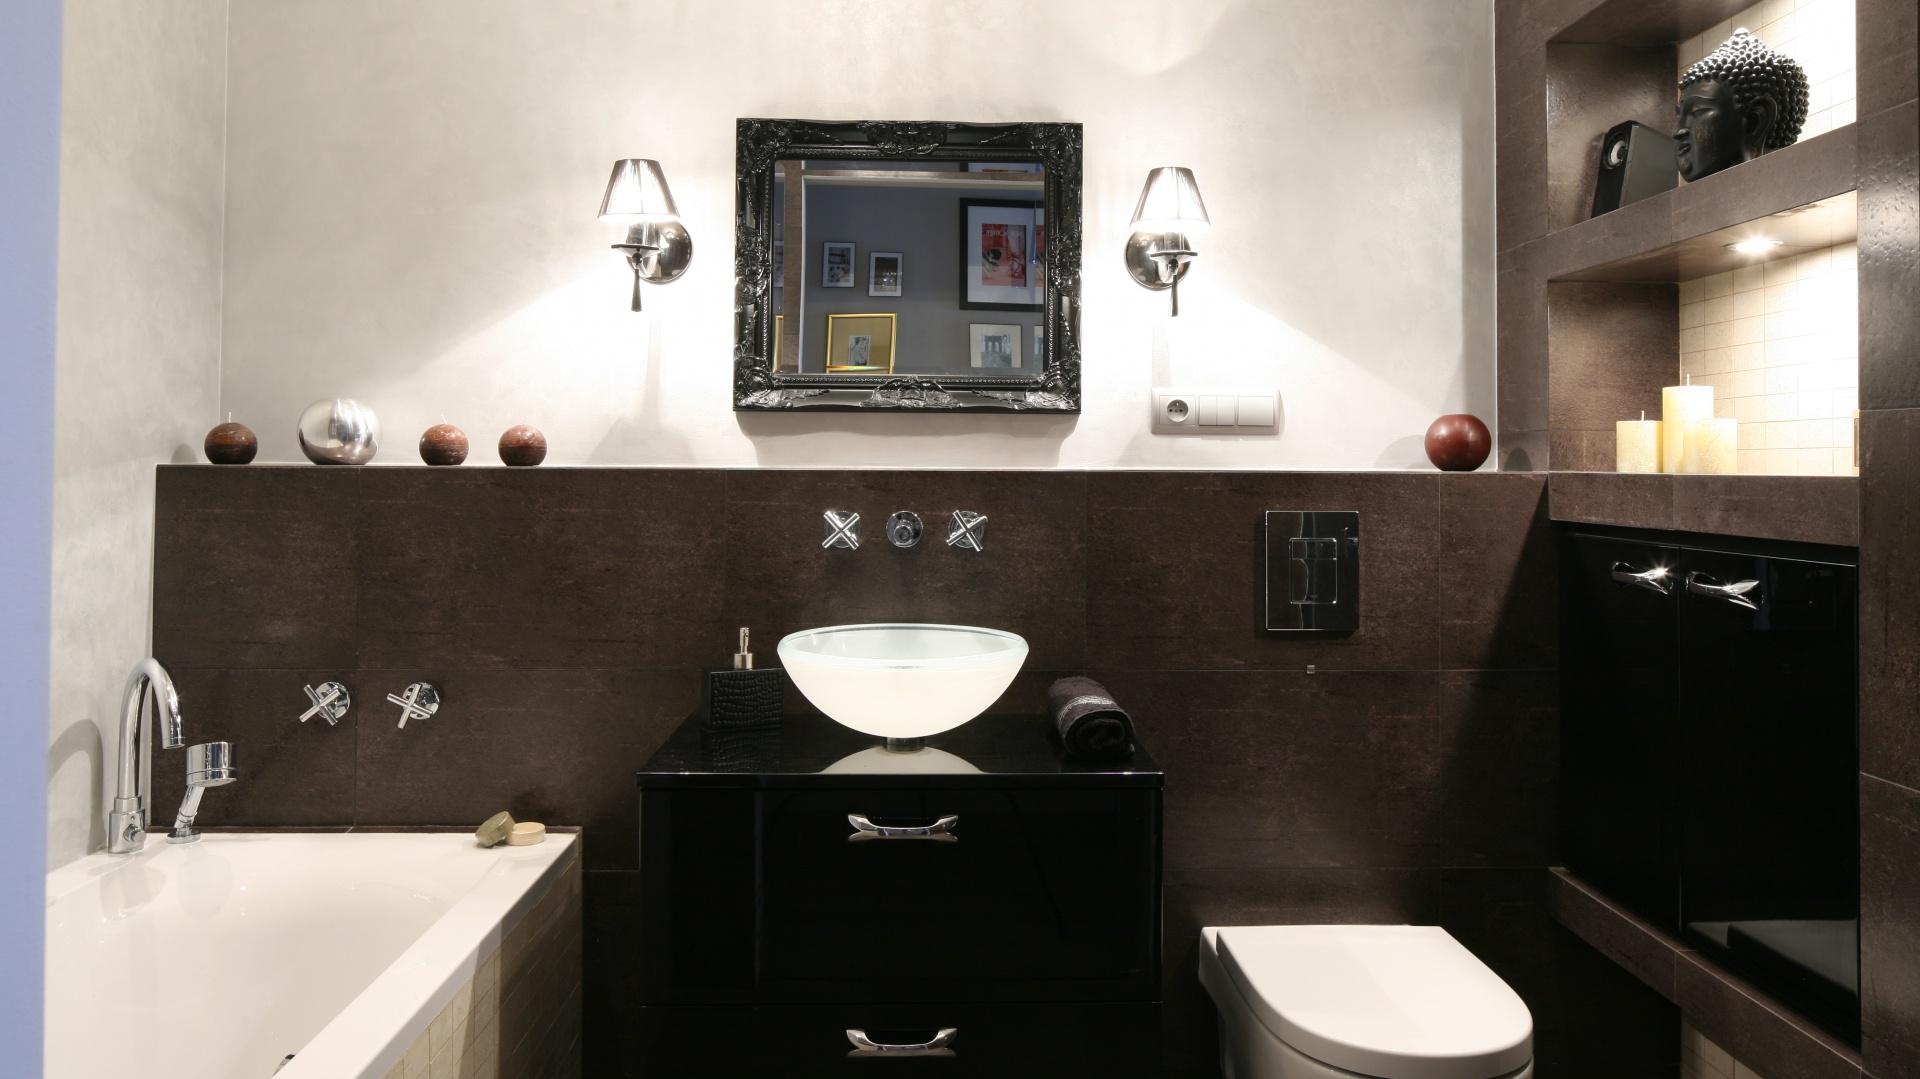 W łazience utrzymanej w stylu glamour po obu stronach lustra, na wysokości około 160 cm, umieszczono dekoracyjne kinkiety.  Łączą estetykę i funkcjonalność. Projekt: Joanna Nawrocka. Fot. Bartosz Jarosz.